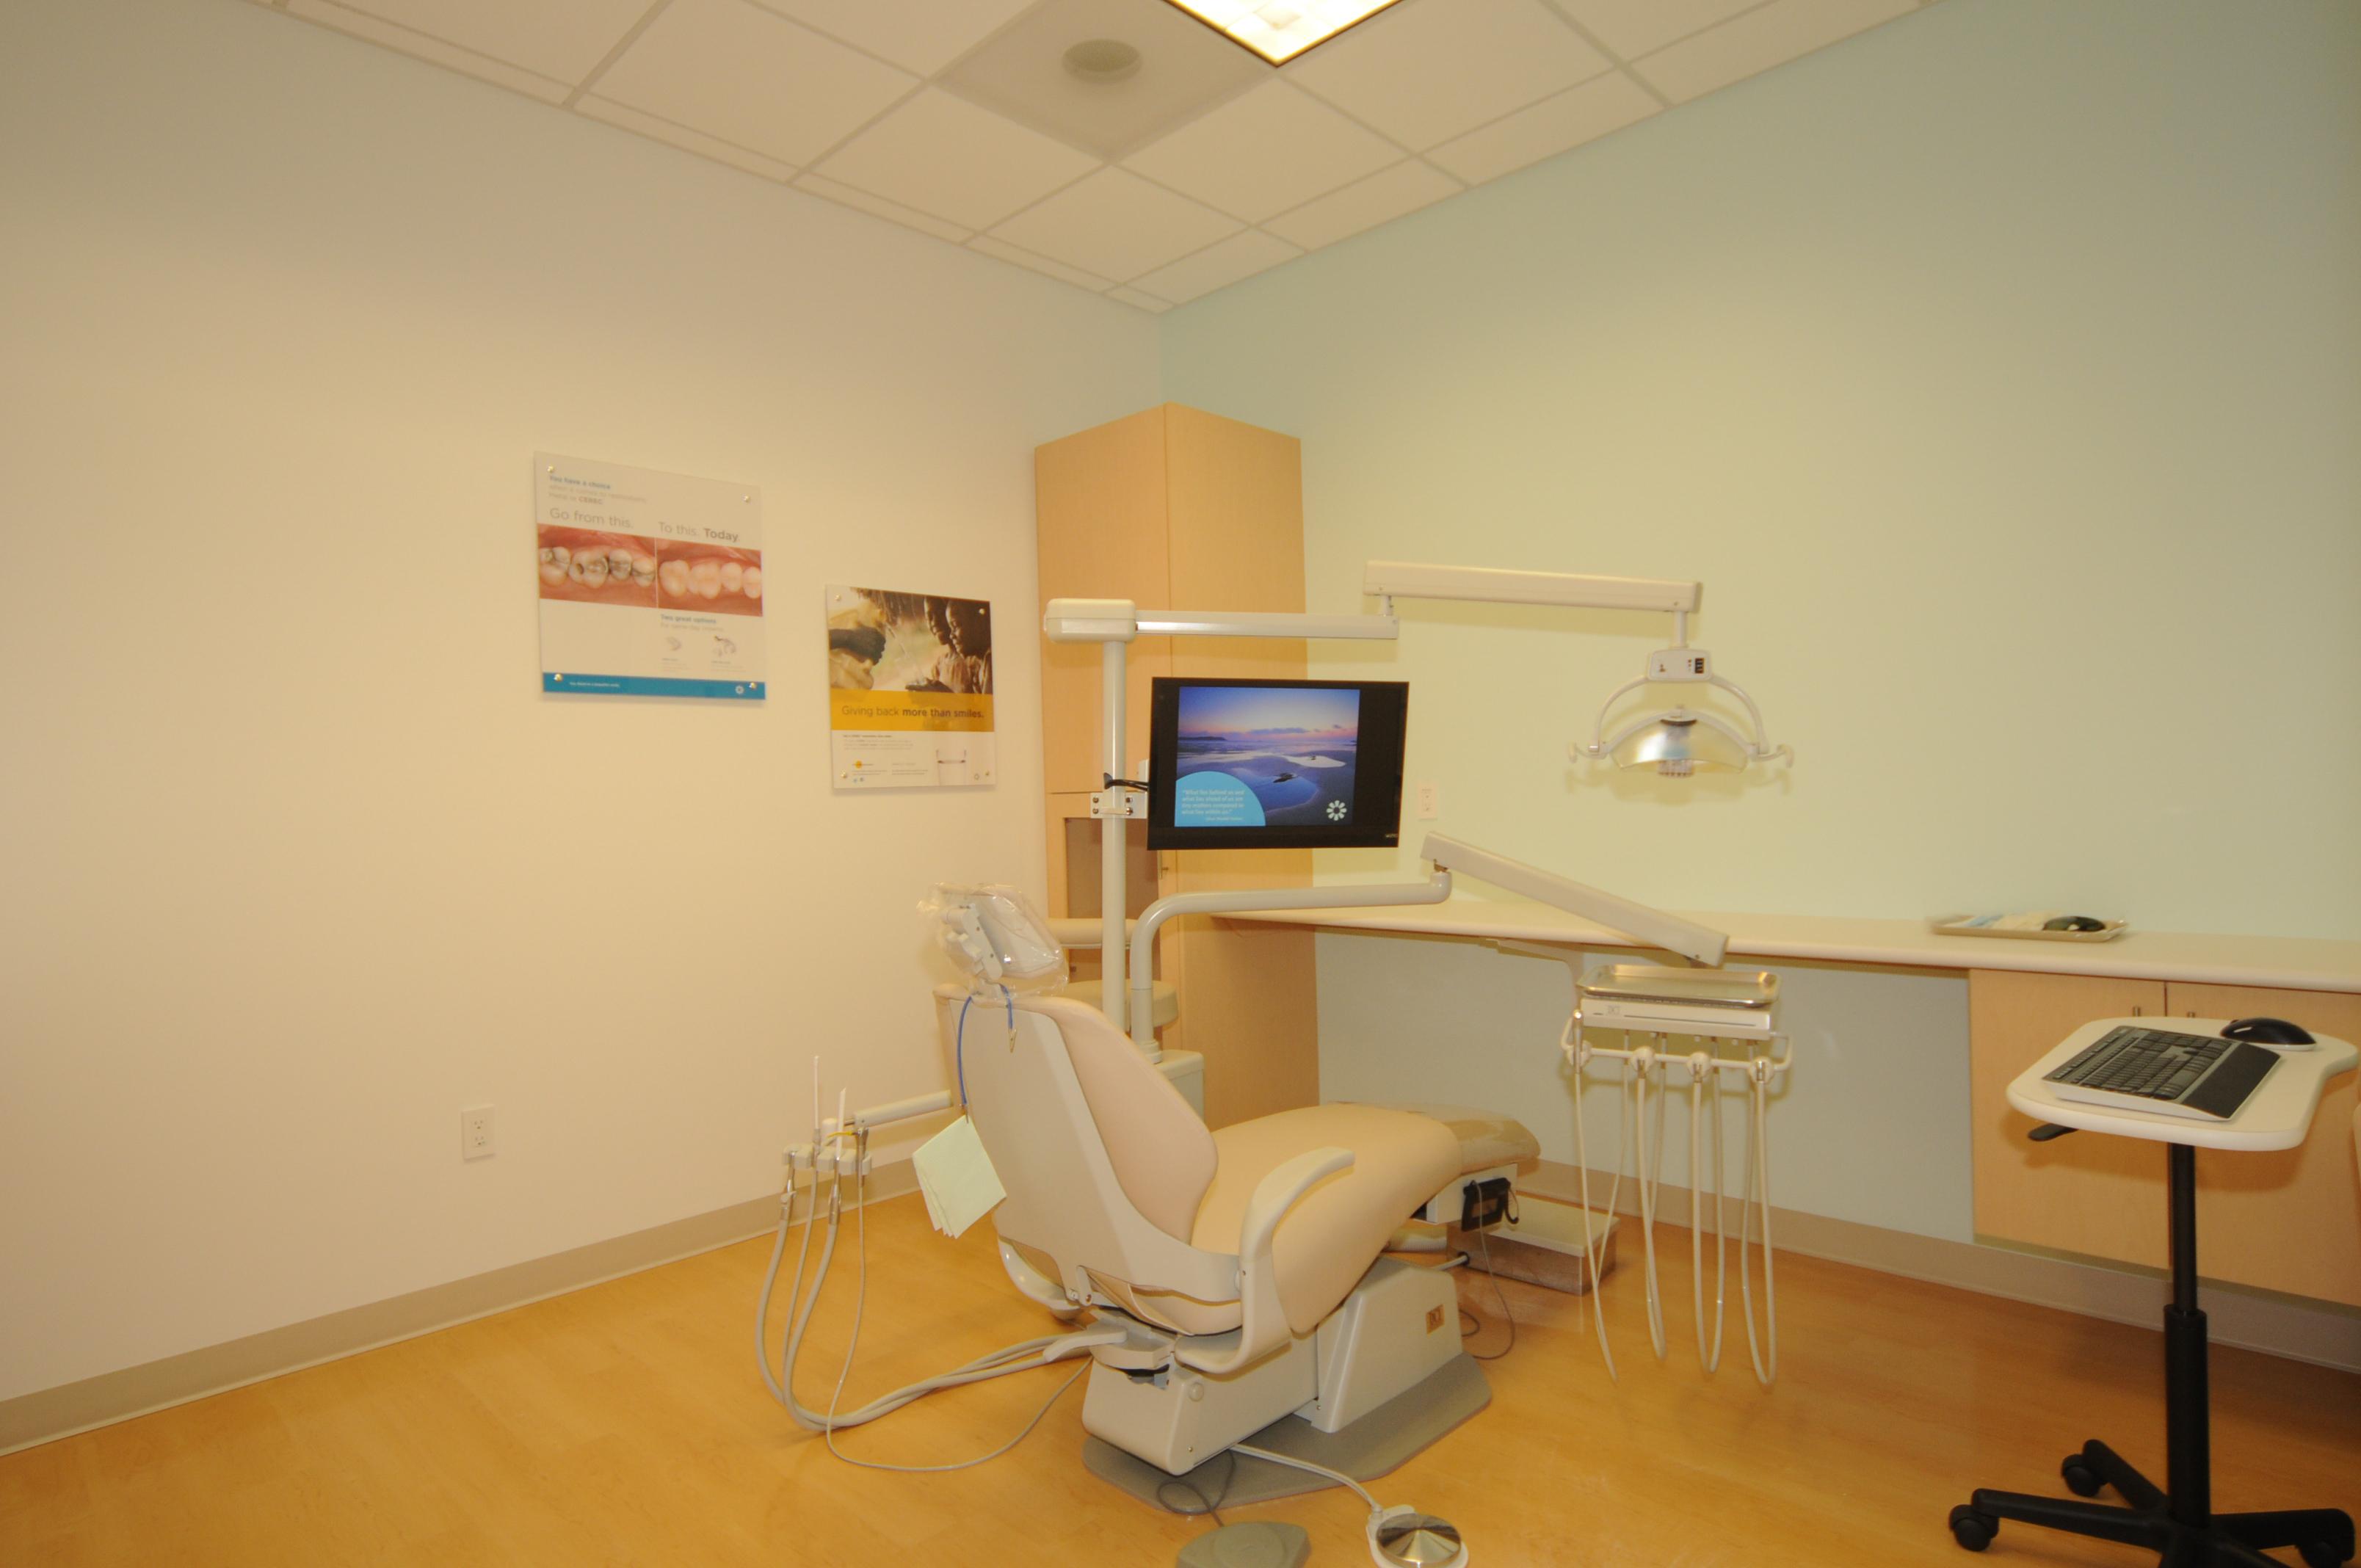 Issaquah Highlands Dental Group image 14